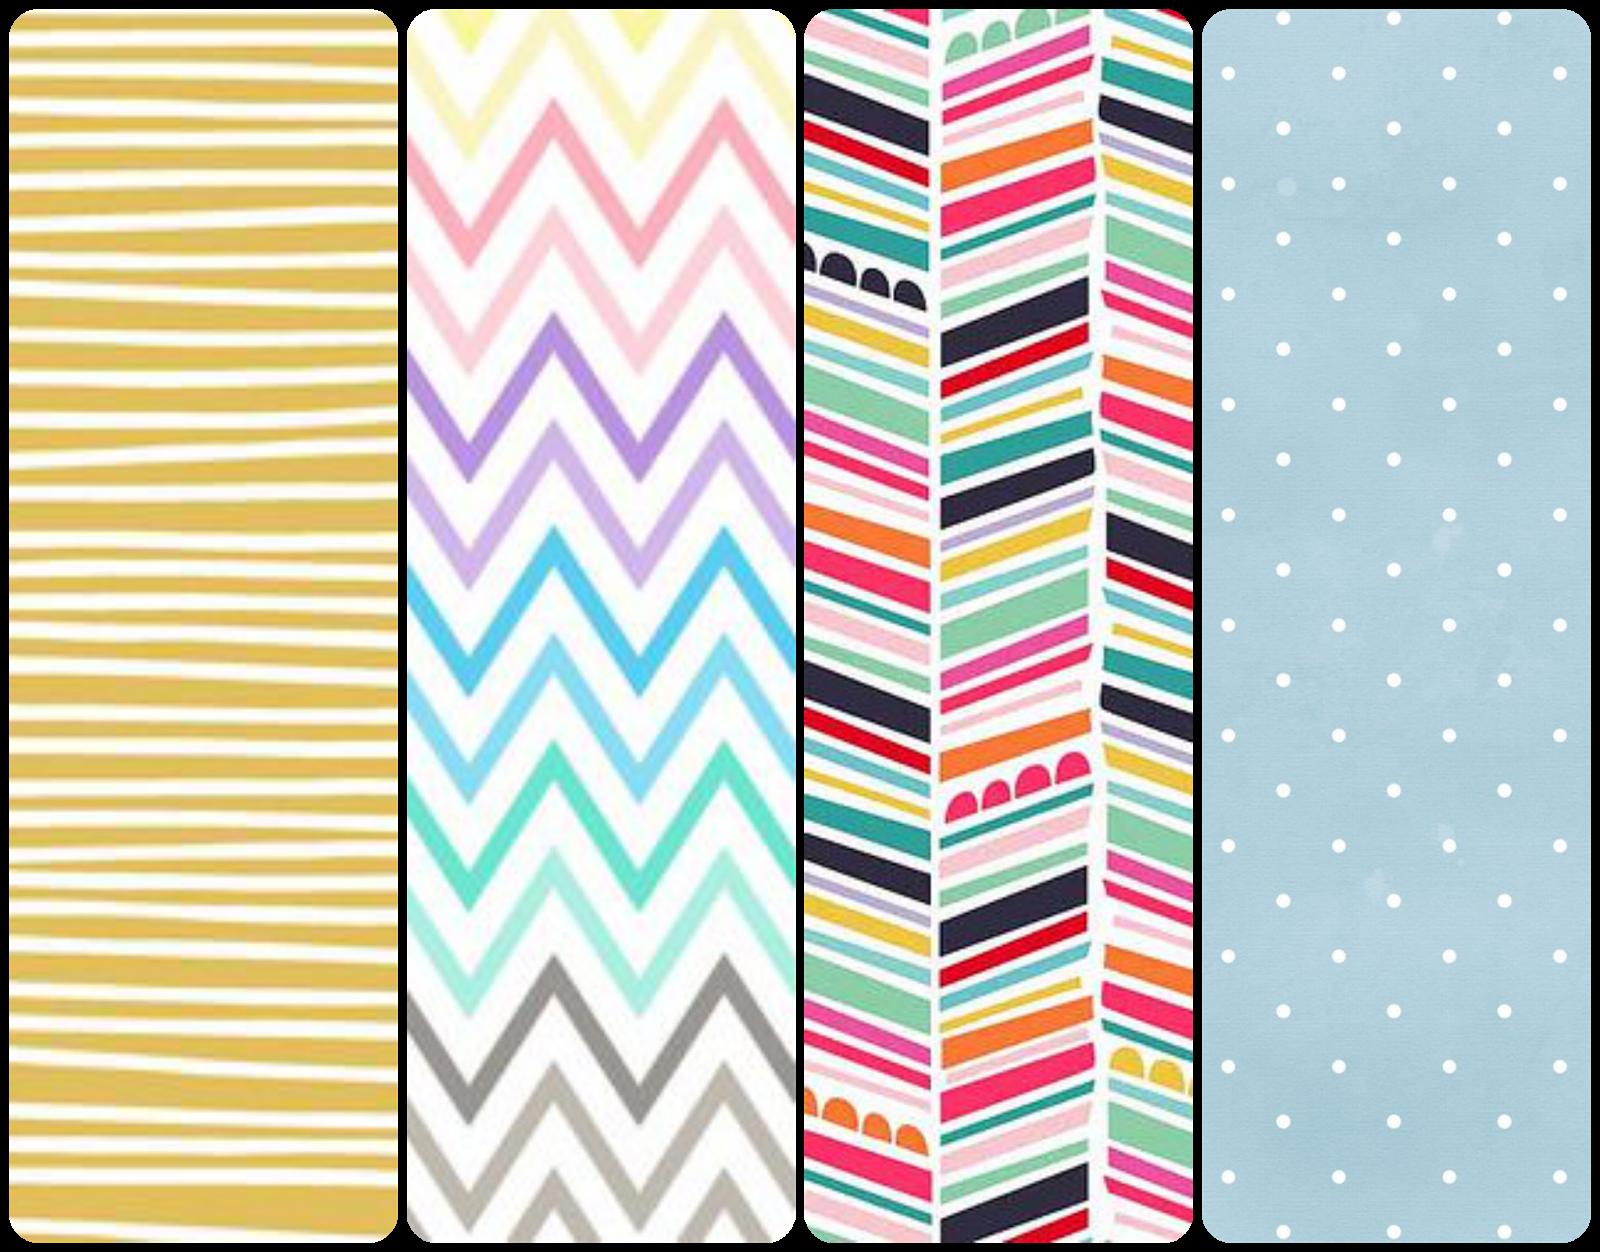 Fondos de pantalla wallpaper chulos para el móvil celular rayas, zigzag, topitos y lunares whatsapp, iphone,